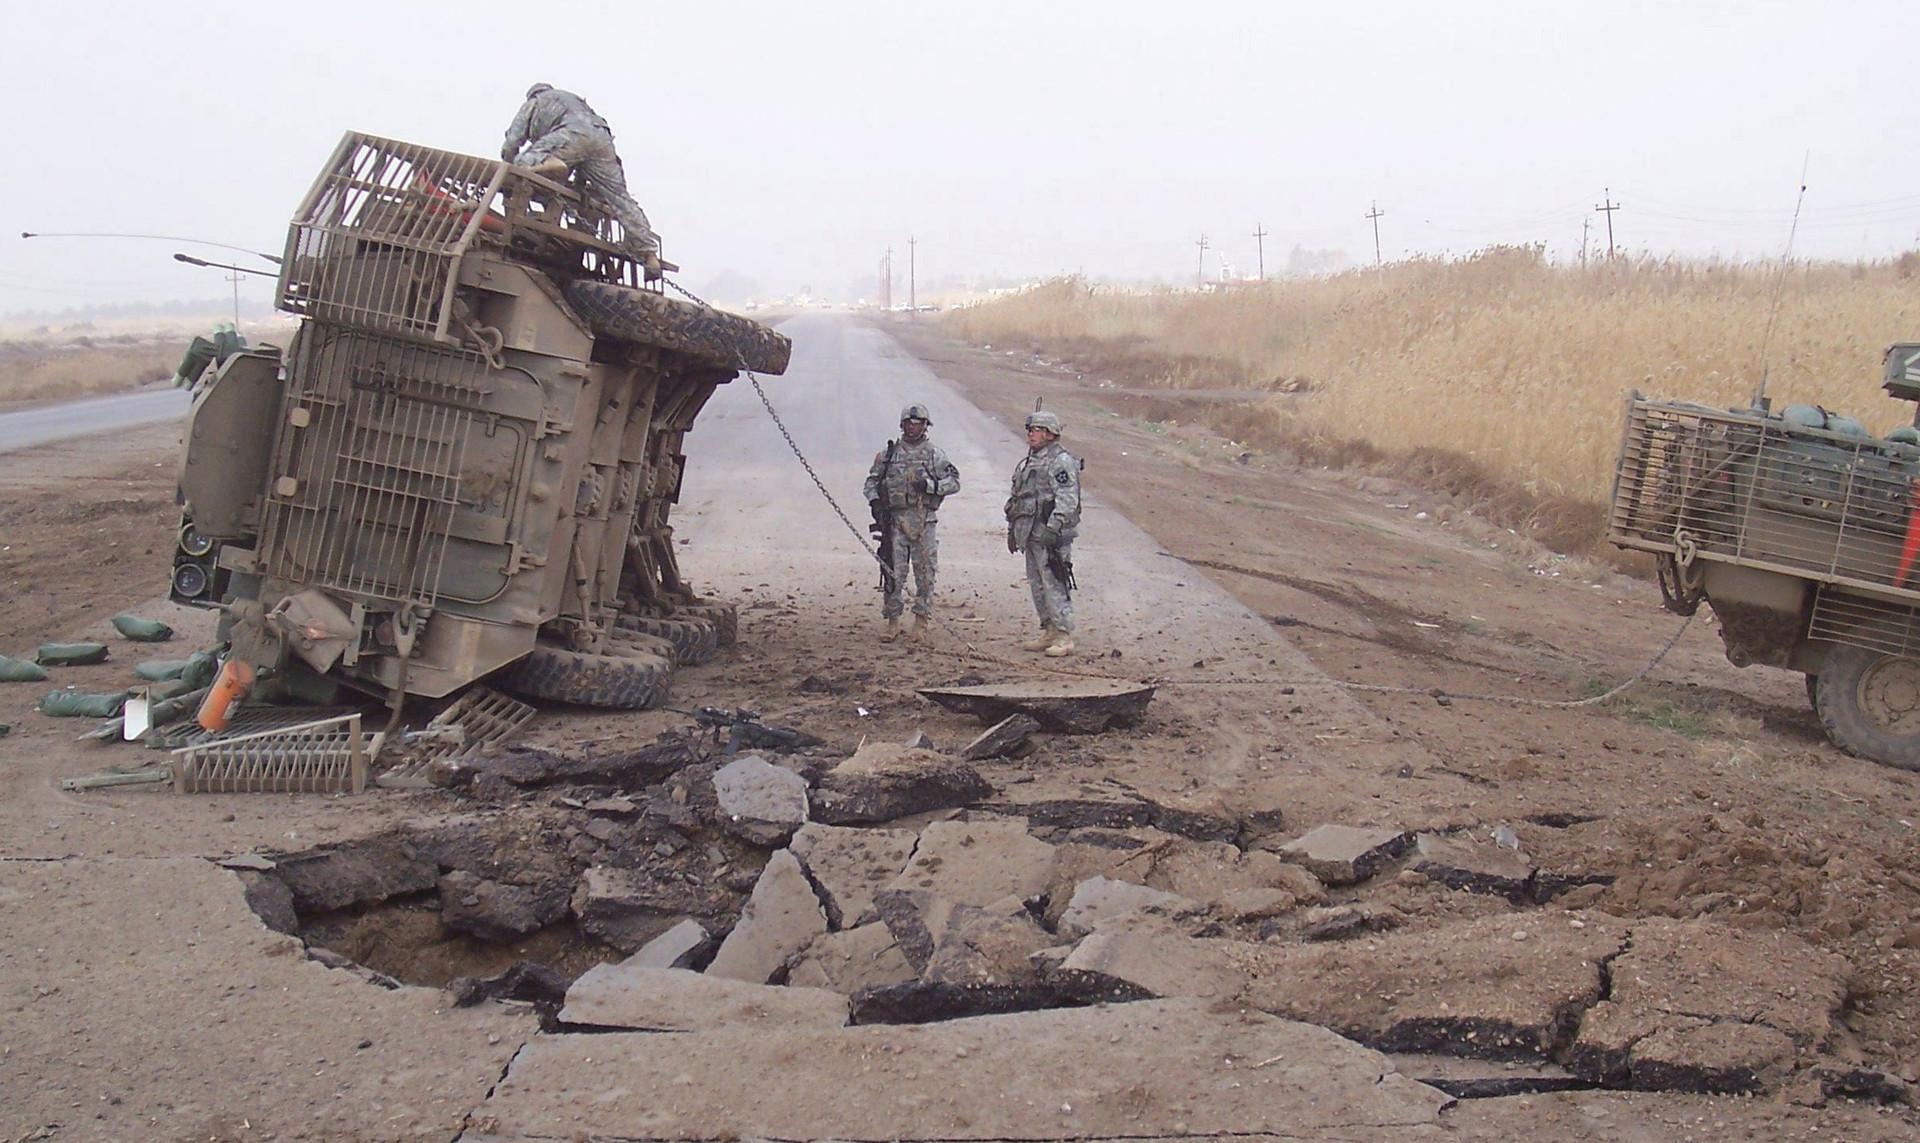 Prevrnuti Stryker nakon što je naletio na improvizirano eksplozivno sredstvo, Irak 2007. godine